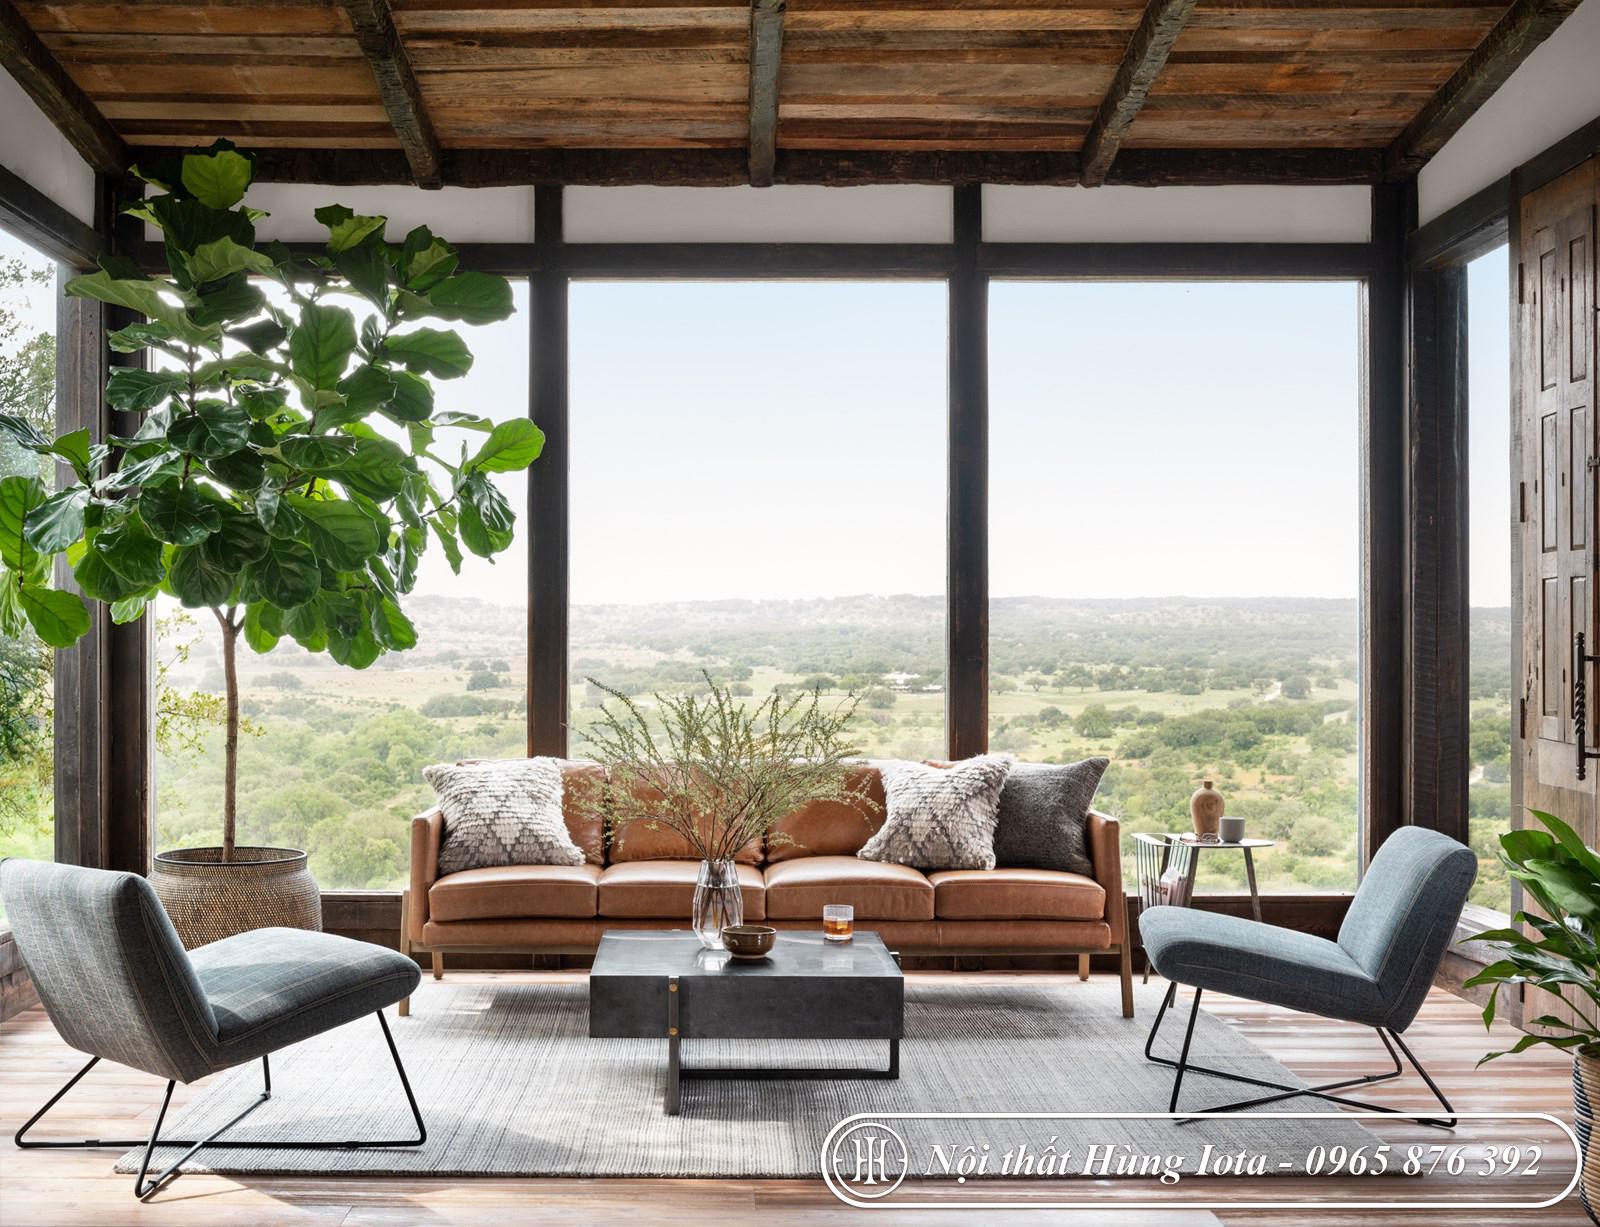 Sofa chung cư sang trọng chất da màu nâu đẹp tinh tế